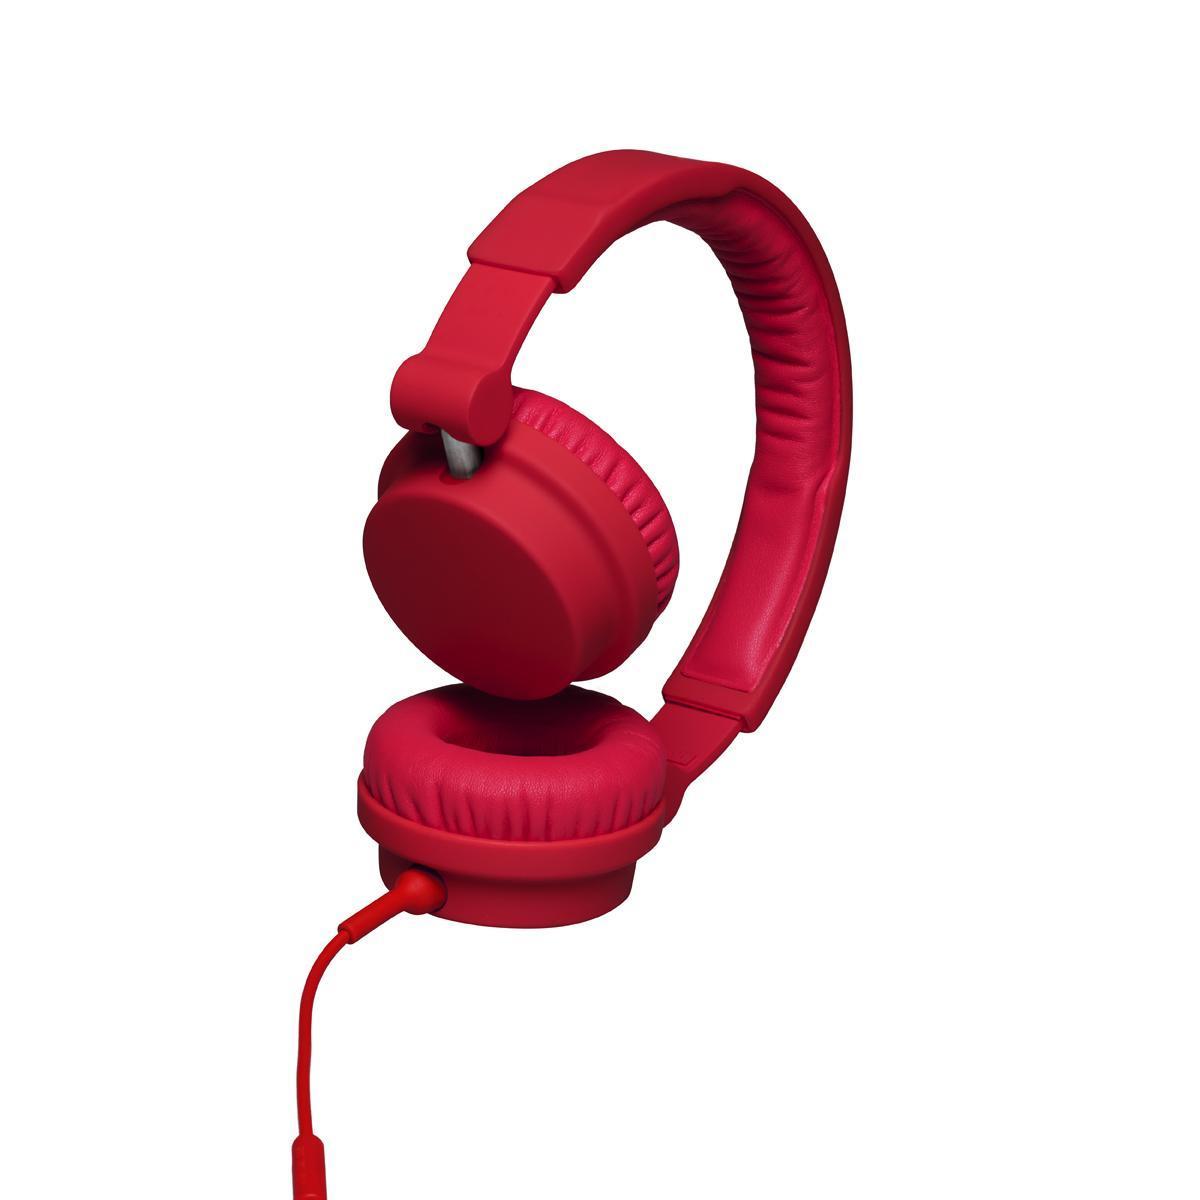 Urbanears Zinken, Tomato наушникиZinken, TomatoUrbanears Zinken - это экстраординарные наушники для диджеев. Их полноразмерные амбушюры изолируют вас от посторонних шумов, позволяя ясно воспринимать глубокие басы и чёткий саунд на средних и высоких частотах. Zinken имеют подключаемый кабель с двумя разными коннекторами и два соответствующих им разъёма, что позволяет делиться музыкой с друзьями, не снимая наушников - достаточно просто подключить ещё один провод. Комфорт - это ключевое свойство данной модели, которое особенно важно во время долгих DJ-сессий: Zinken оснащены поворотными чашками и подстраиваемым оголовьем. С другой стороны, при повседневном использовании особенно пригодятся удобный микрофон и пульт управления звонками. Полностью съёмный кабель имеет на концах два коннектора: штекер 6,3 мм для DJ-сессий и классический мини- джек 3,5 мм для использования с плеерами. С Urbanears Zinken можно подключаться к чему угодно. ZoundPlug - это разъём, позволяющий поделиться вашей...